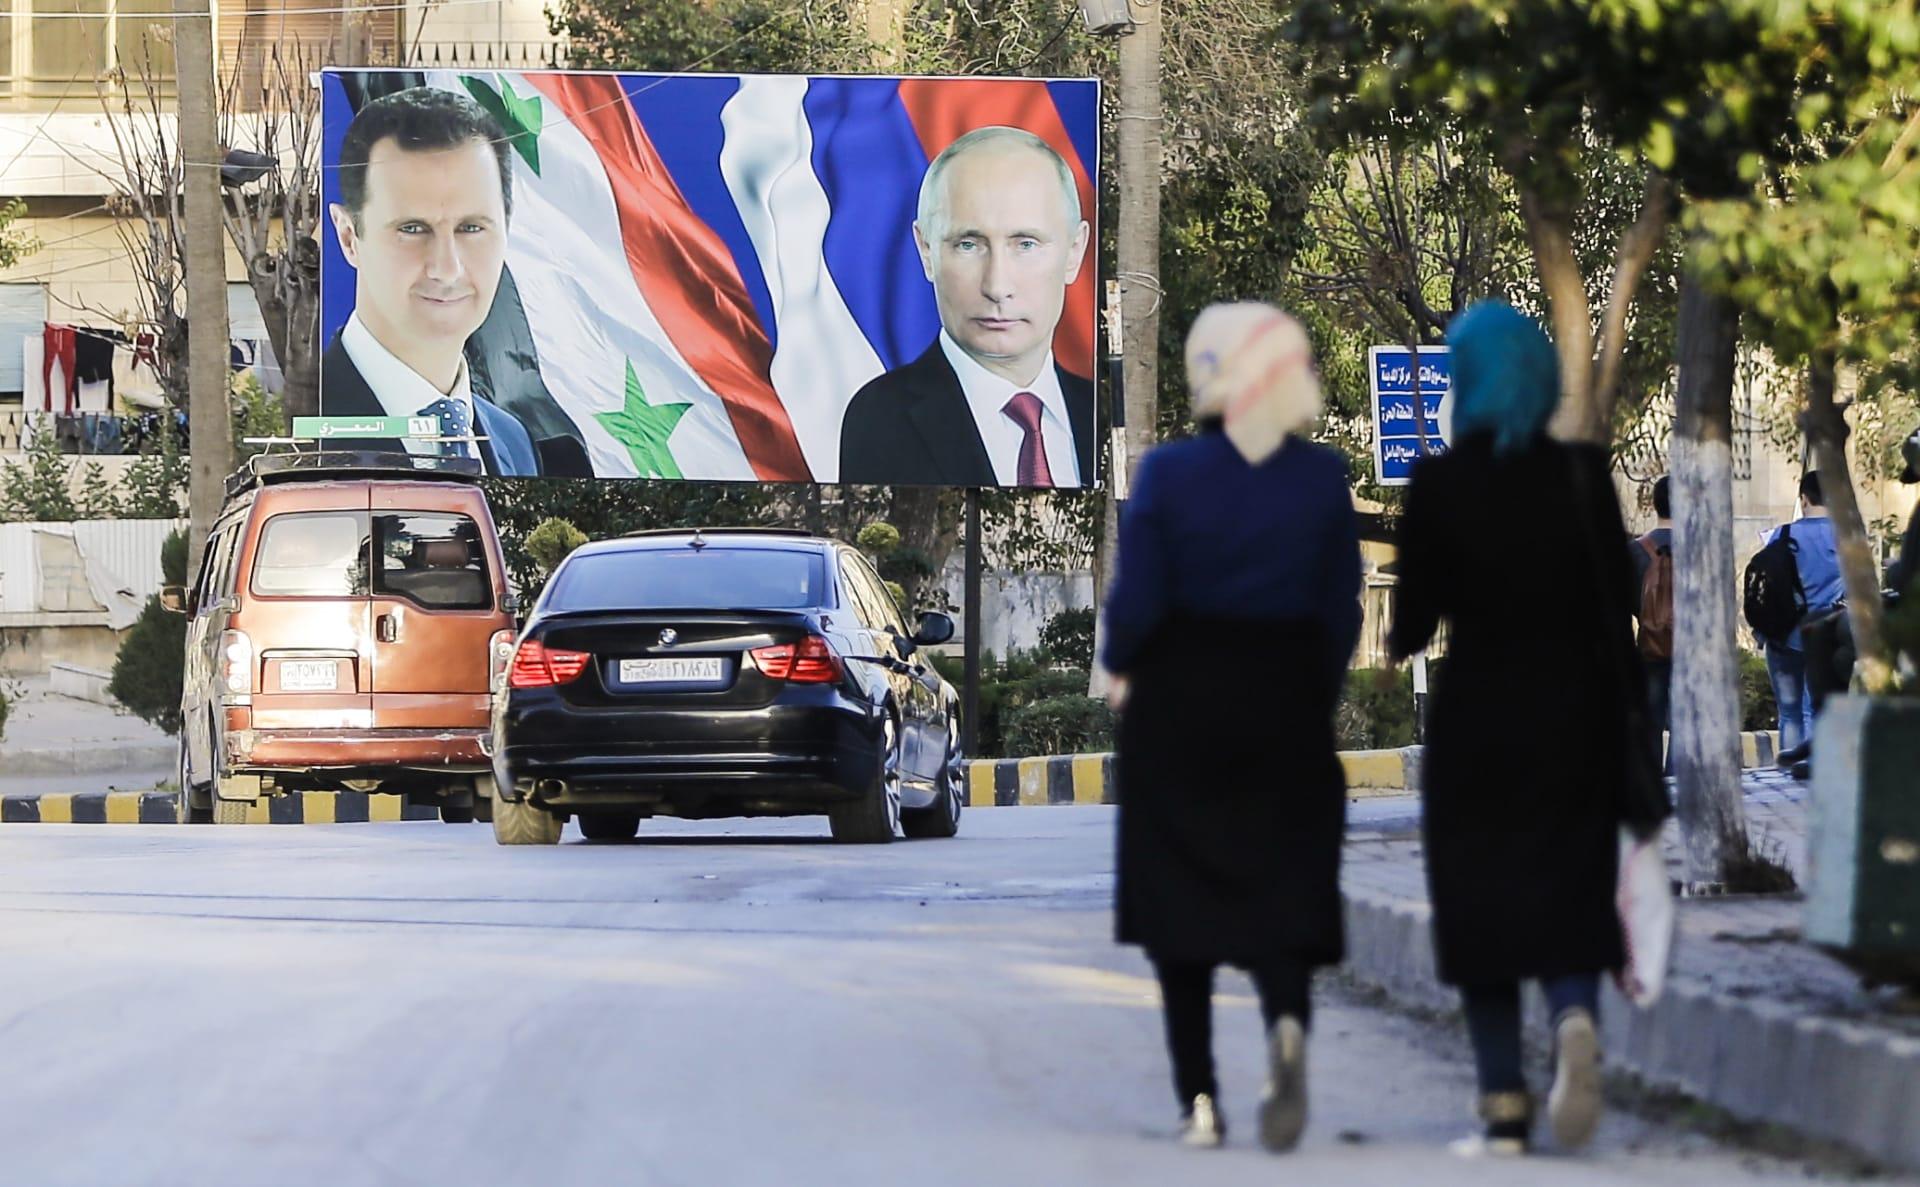 الكرملين بعد حديث أردوغان عن تبدل موقفه: بوتين ليس محاميا عن الأسد